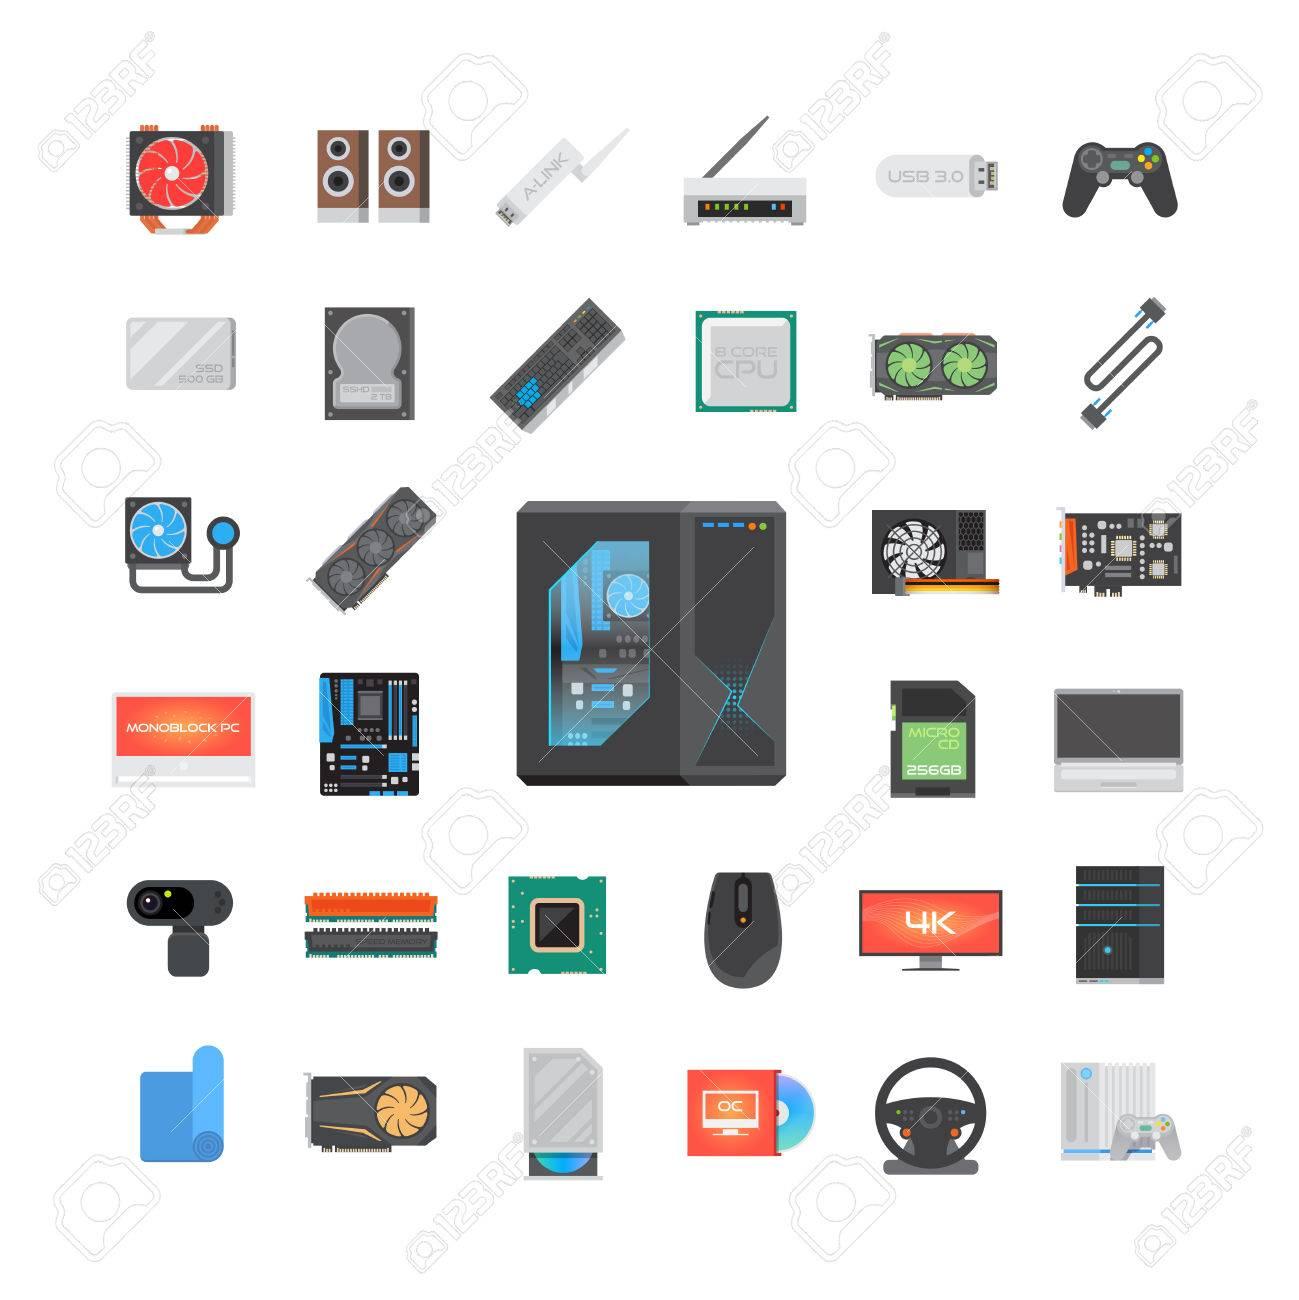 Pc desktop icon free icon download (15,662 free icon) for.